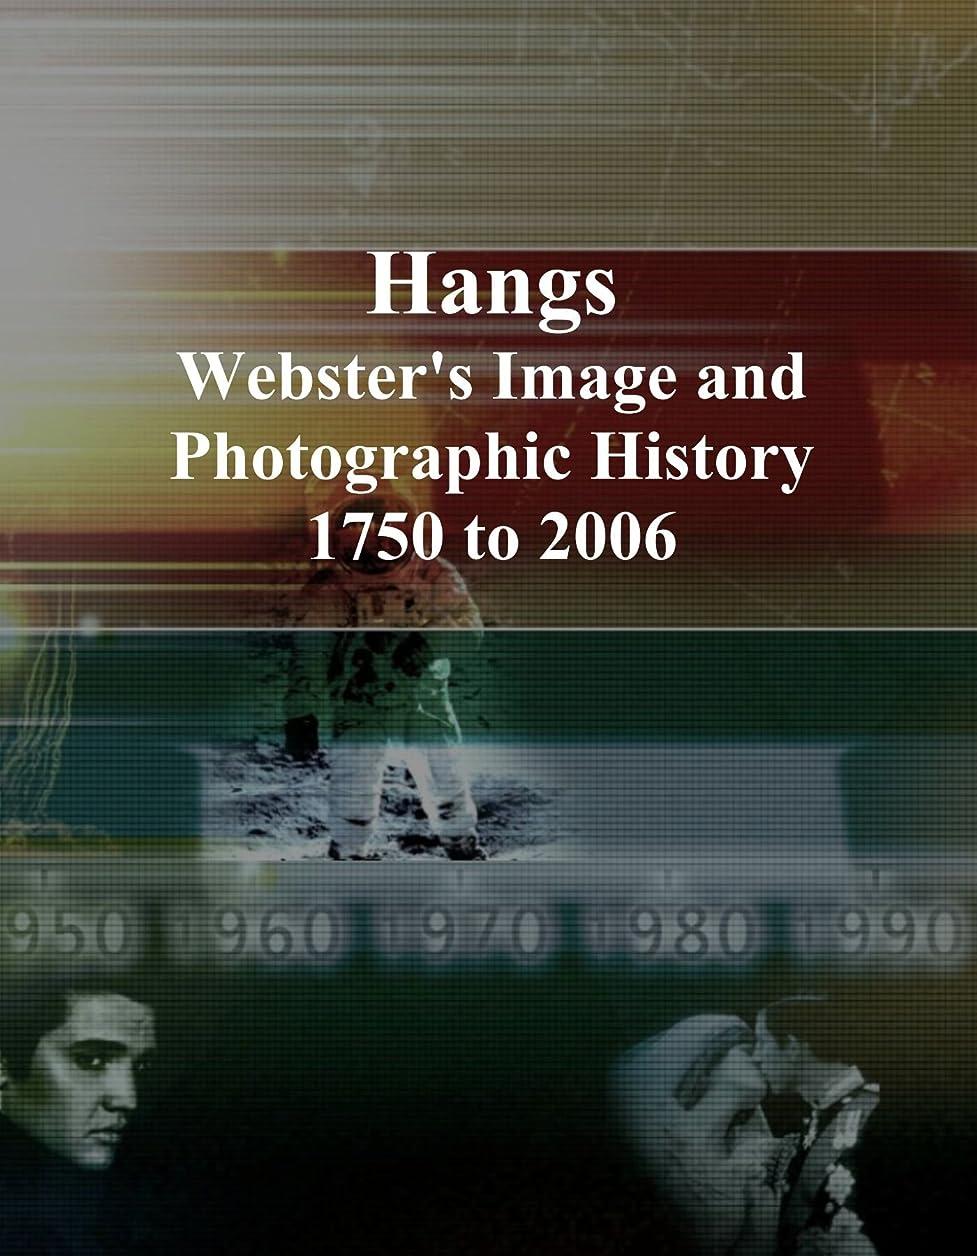 反射美徳古いHangs: Webster's Image and Photographic History, 1750 to 2006